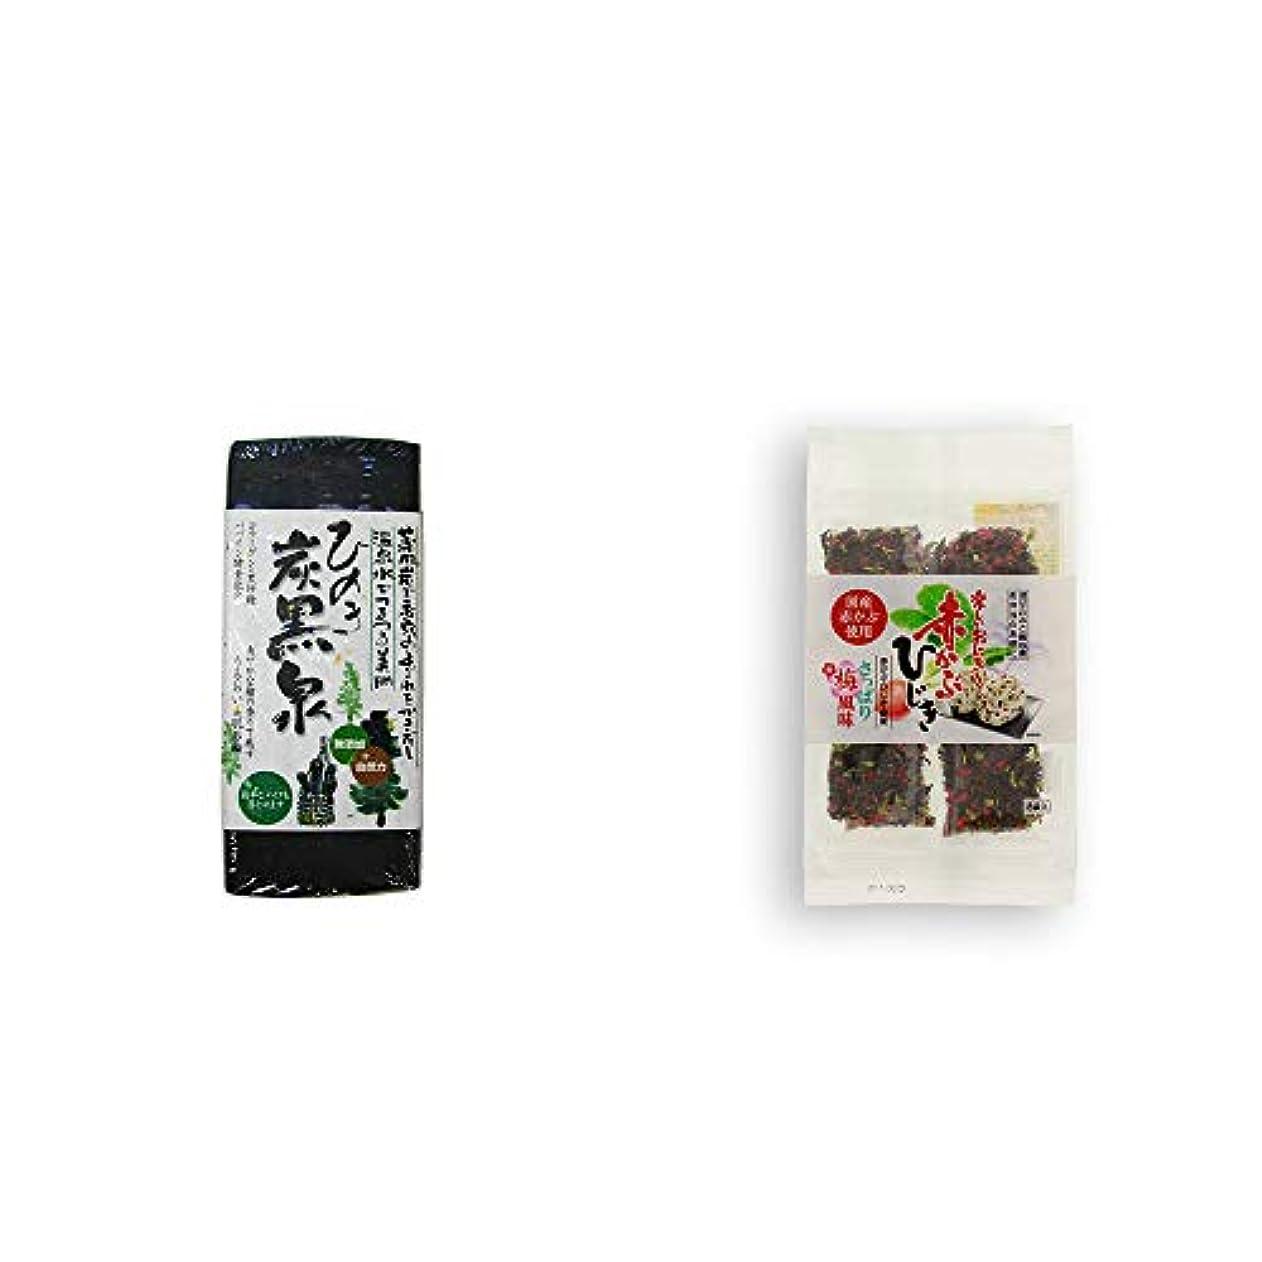 浴昼間パワーセル[2点セット] ひのき炭黒泉(75g×2)?楽しいおにぎり 赤かぶひじき(8g×8袋)